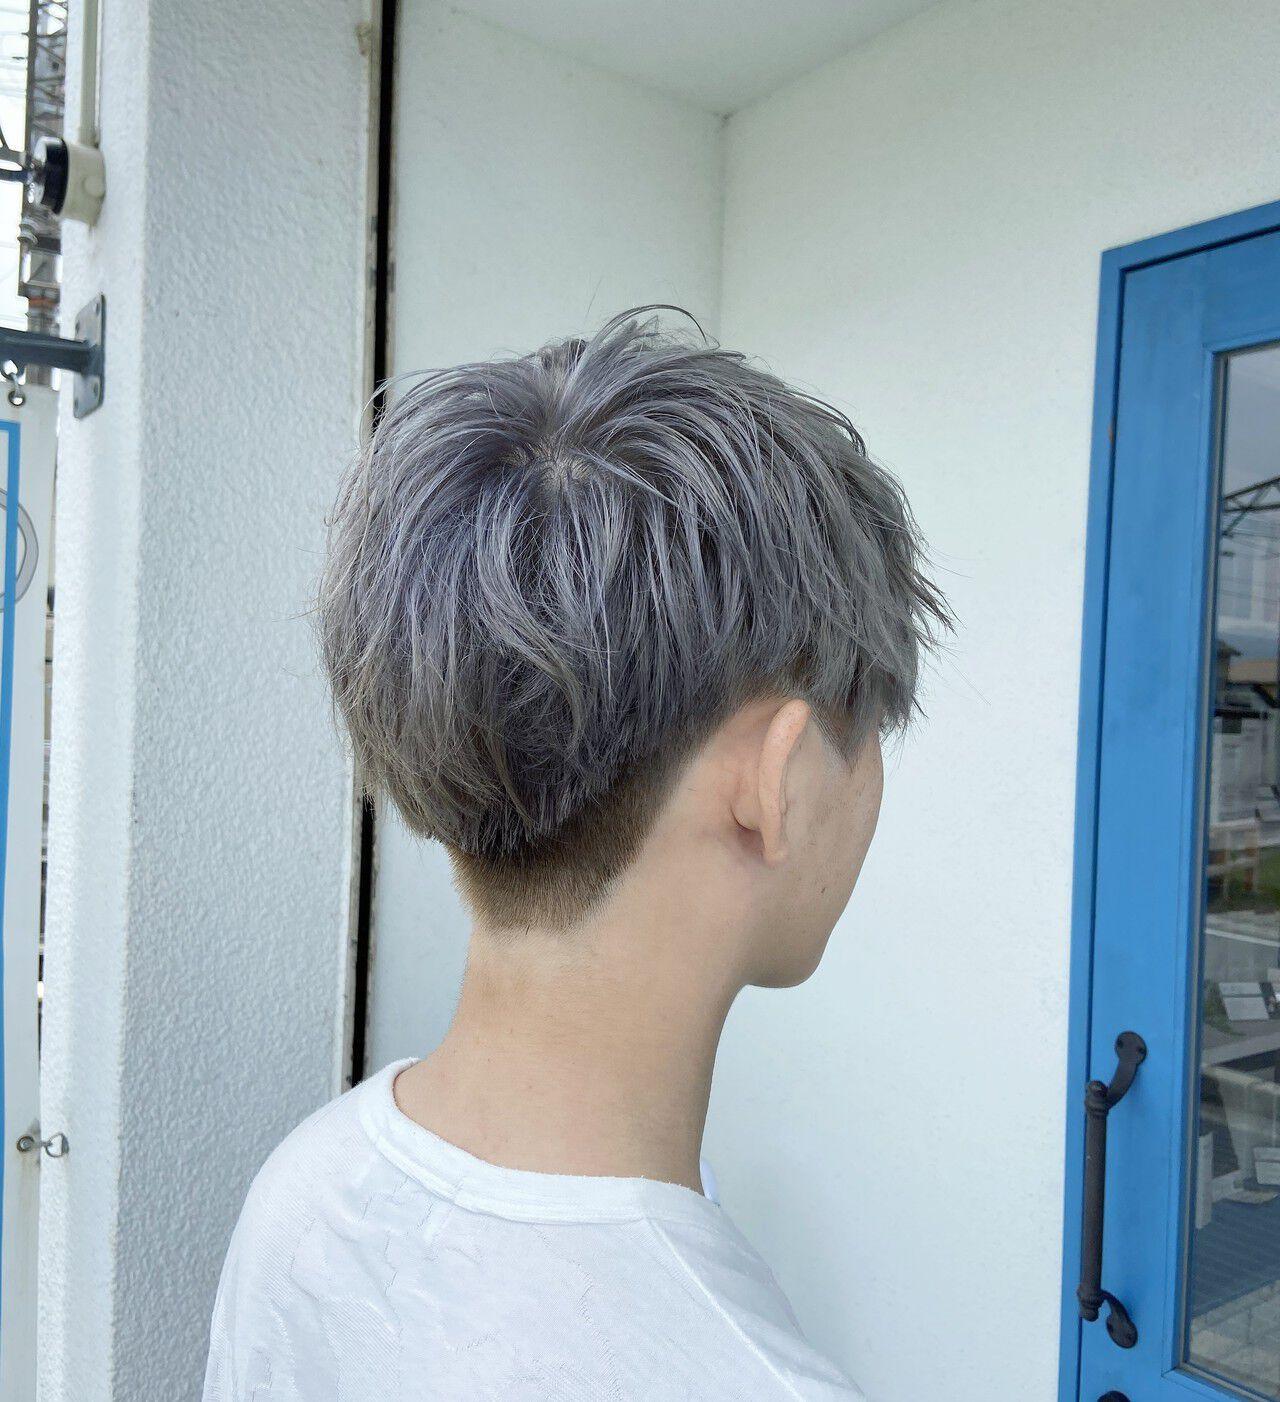 ショート メンズカジュアル メンズショート メンズヘアスタイルや髪型の写真・画像